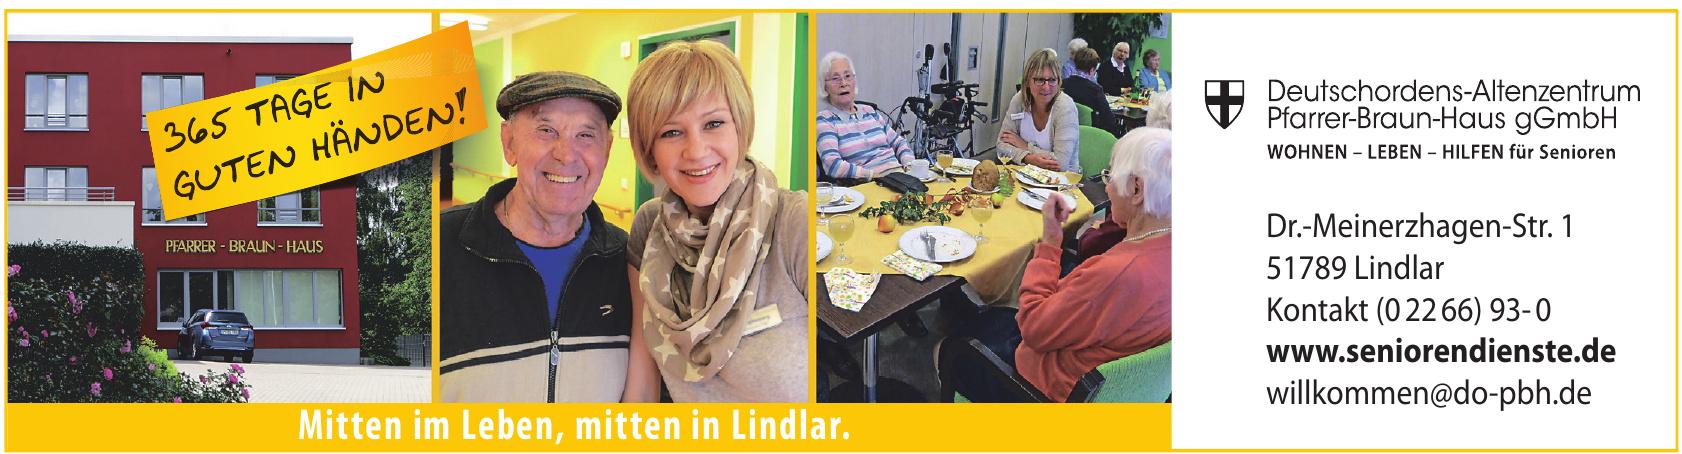 Deutschordens-Altenzentrum Pfarrer-Braun-Haus gGmbH